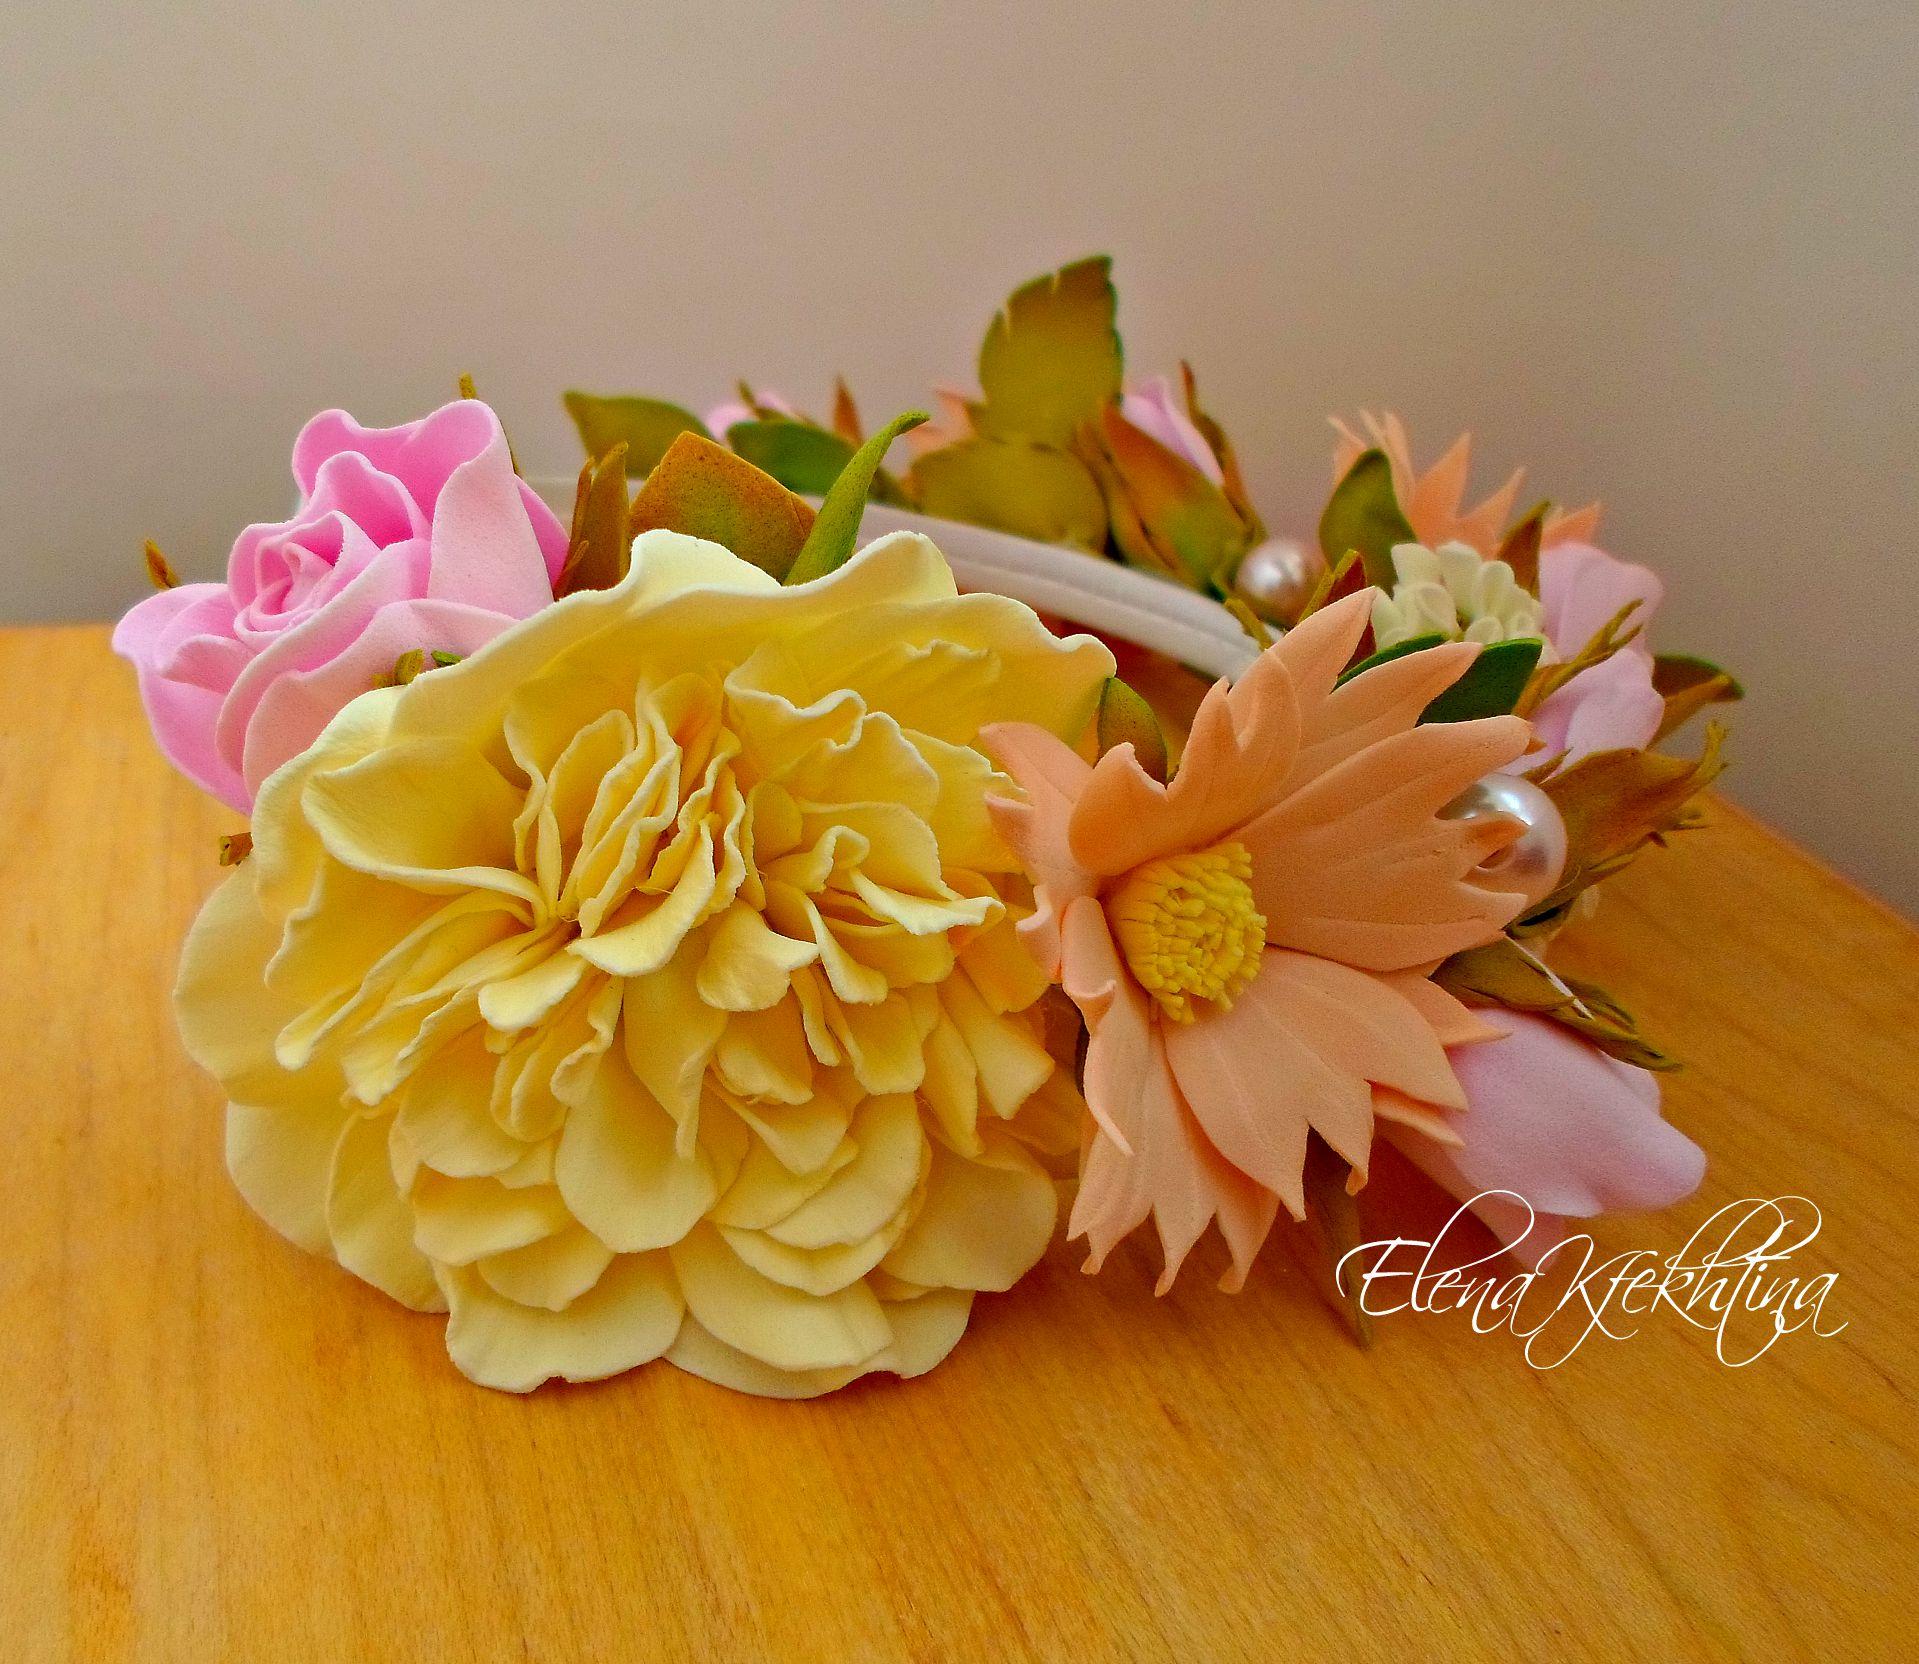 пластичная шебби девичник невесты клевер замша шик подружка фоамиран свадьба розы бохо подарок